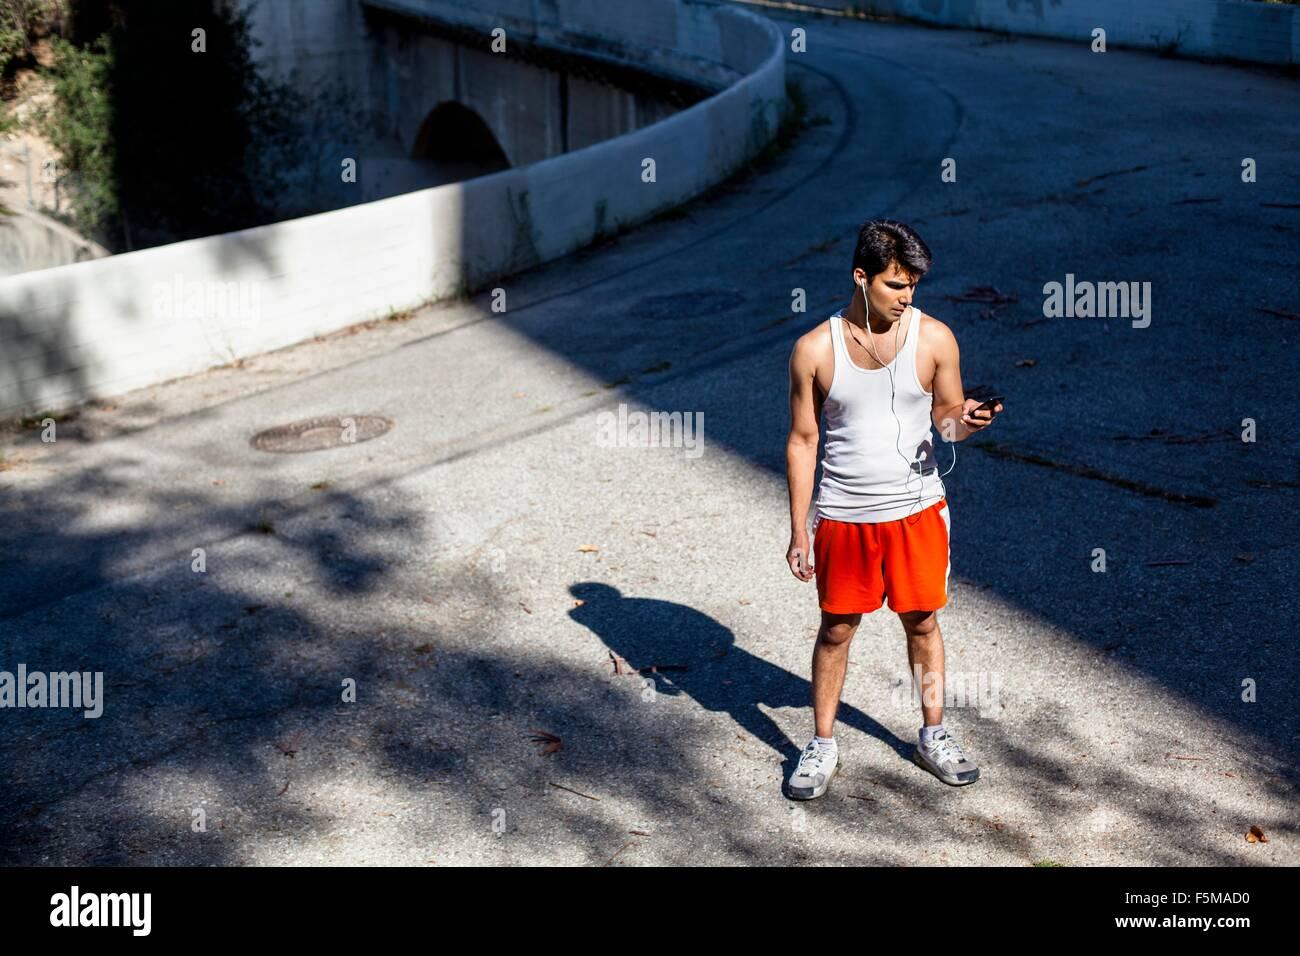 Jogger, die Auswahl der Musik auf Smartphone, Arroyo Seco Park, Pasadena, Kalifornien, USA Stockbild